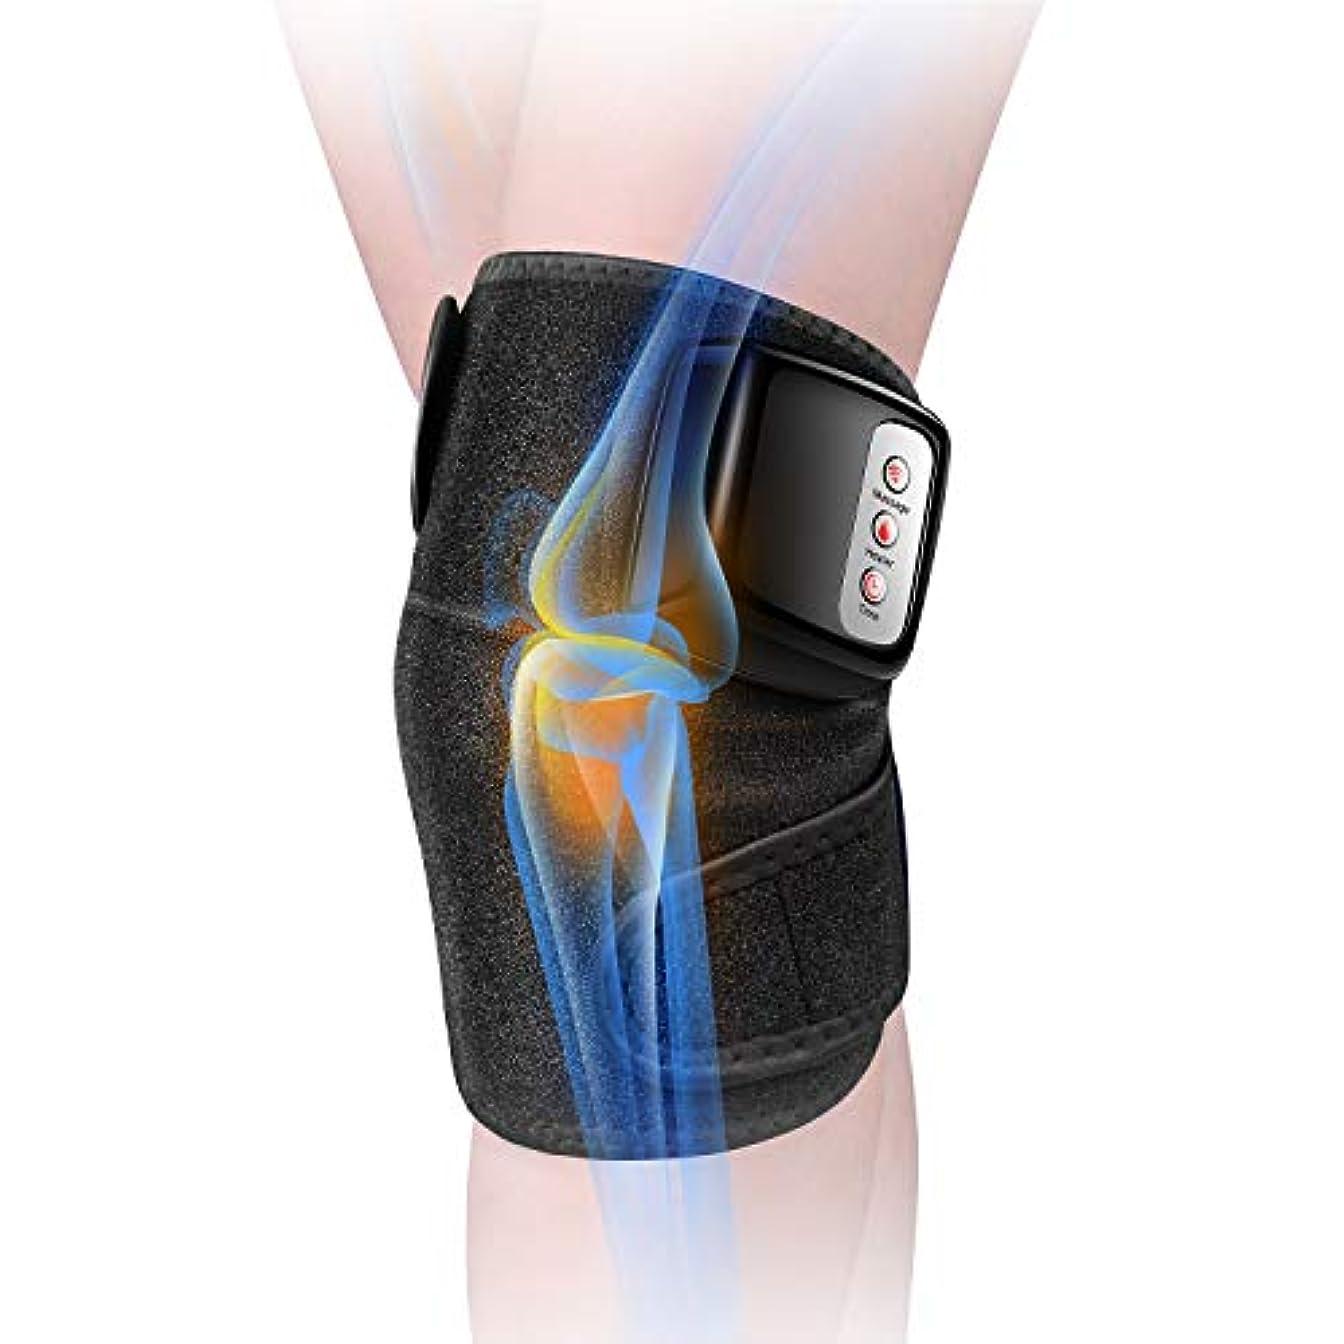 フェードアウト吹きさらし配列膝マッサージャー 関節マッサージャー マッサージ器 フットマッサージャー 振動 赤外線療法 温熱療法 膝サポーター ストレス解消 肩 太もも/腕対応